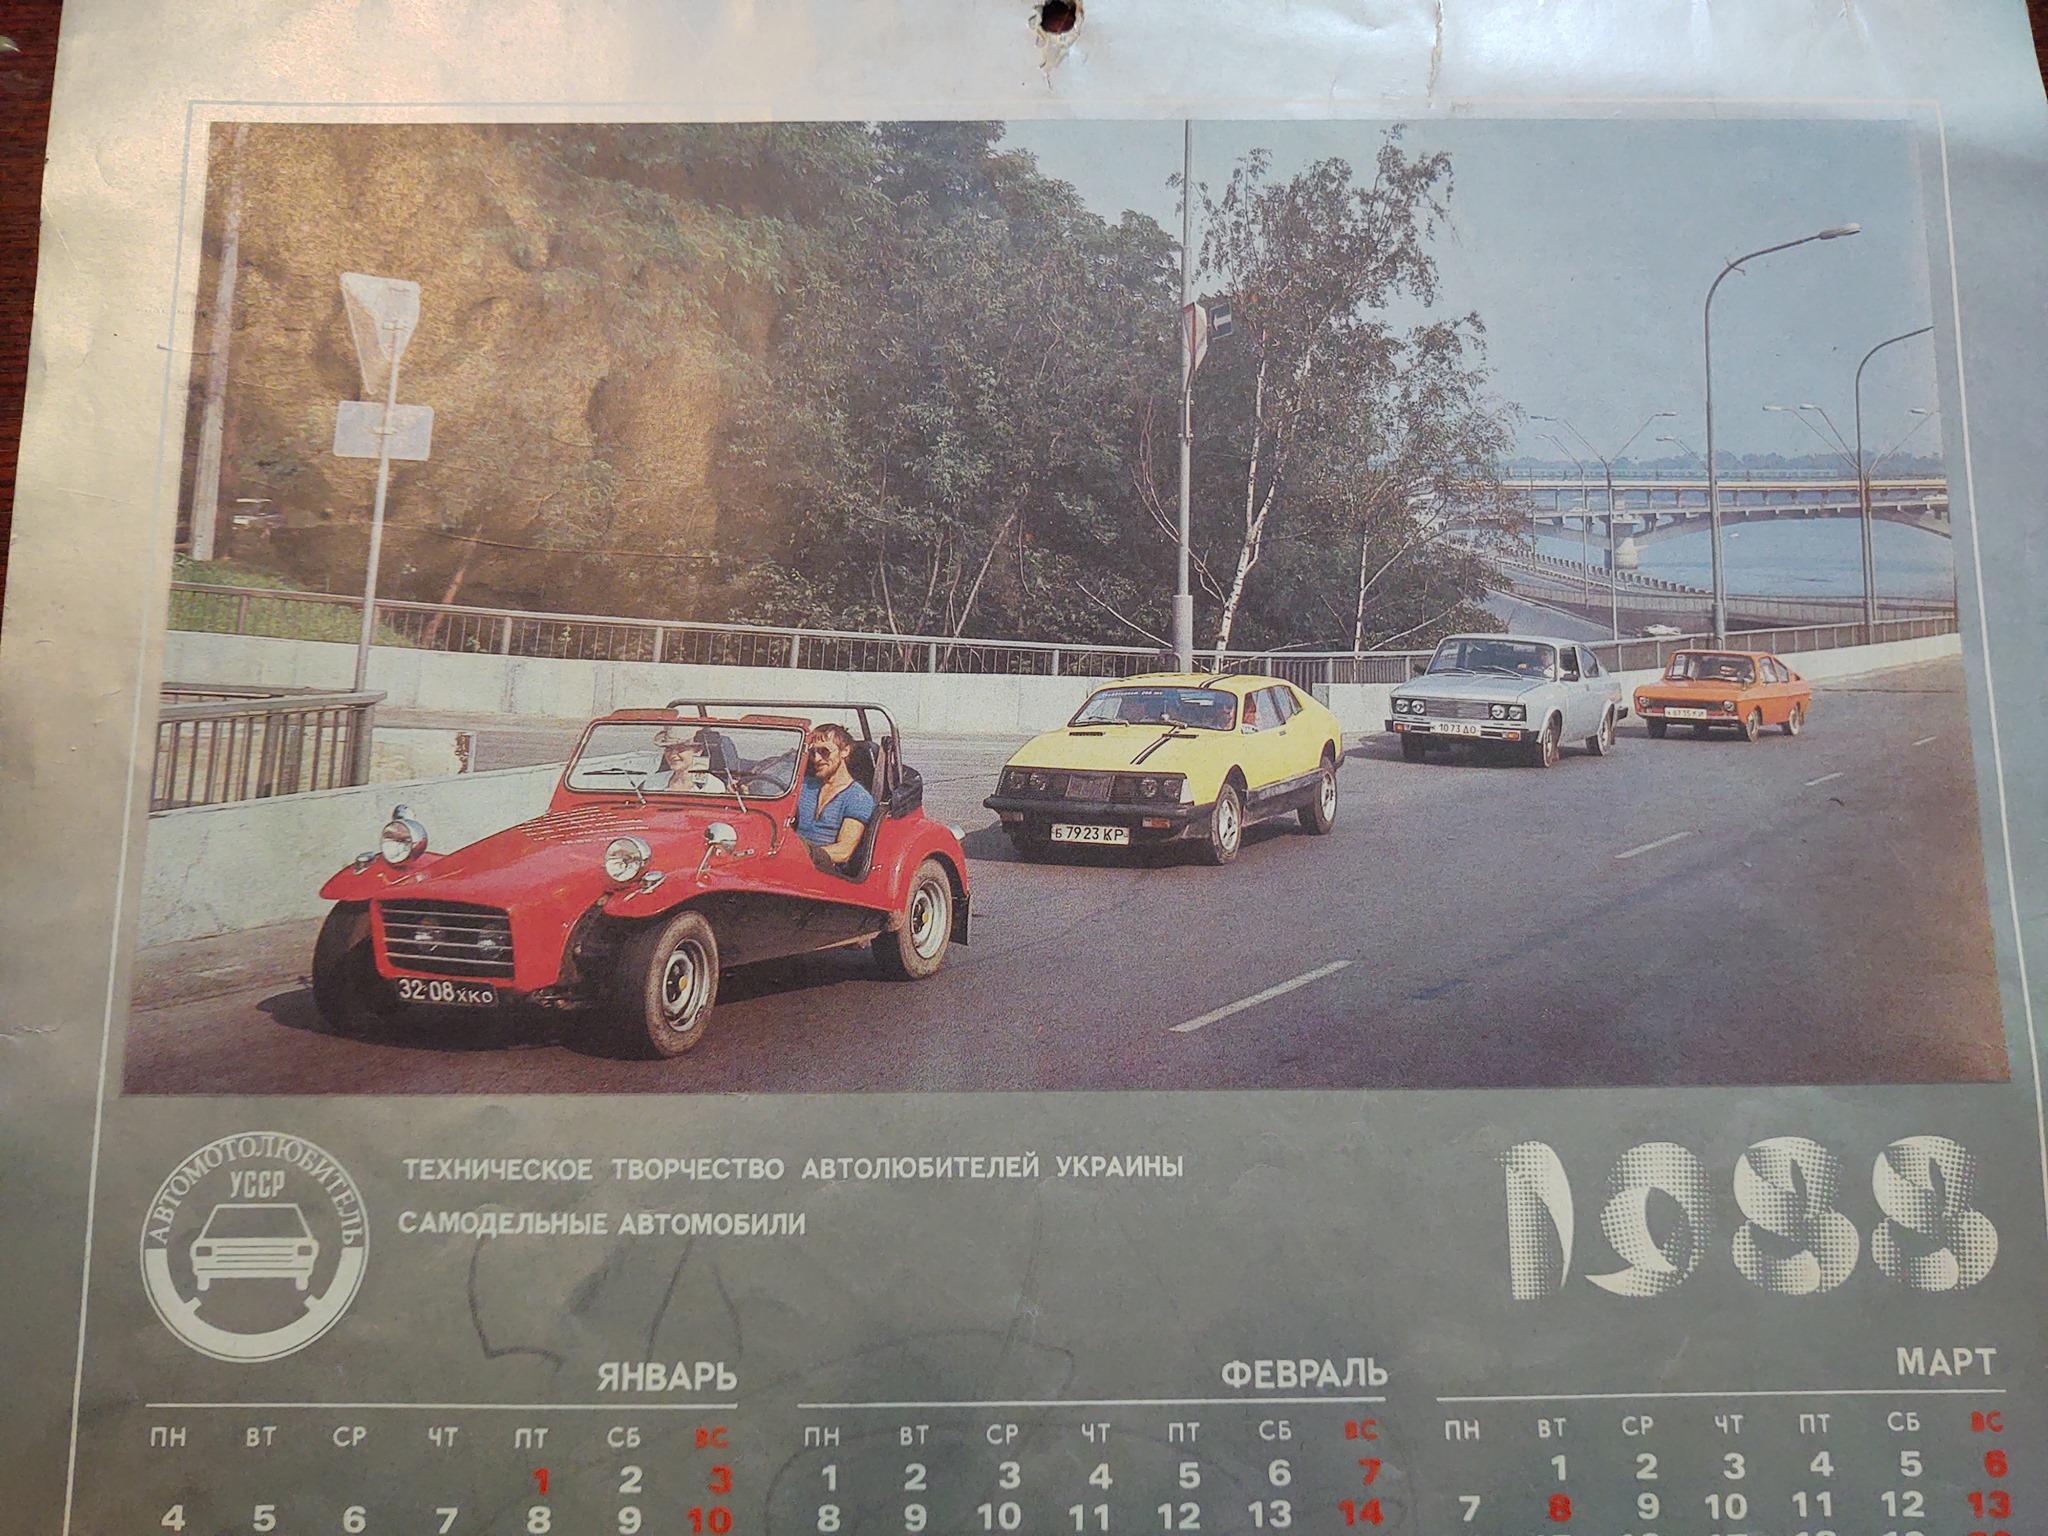 Опубликованы архивные фото украинских самодельных авто с неизвестной судьбой